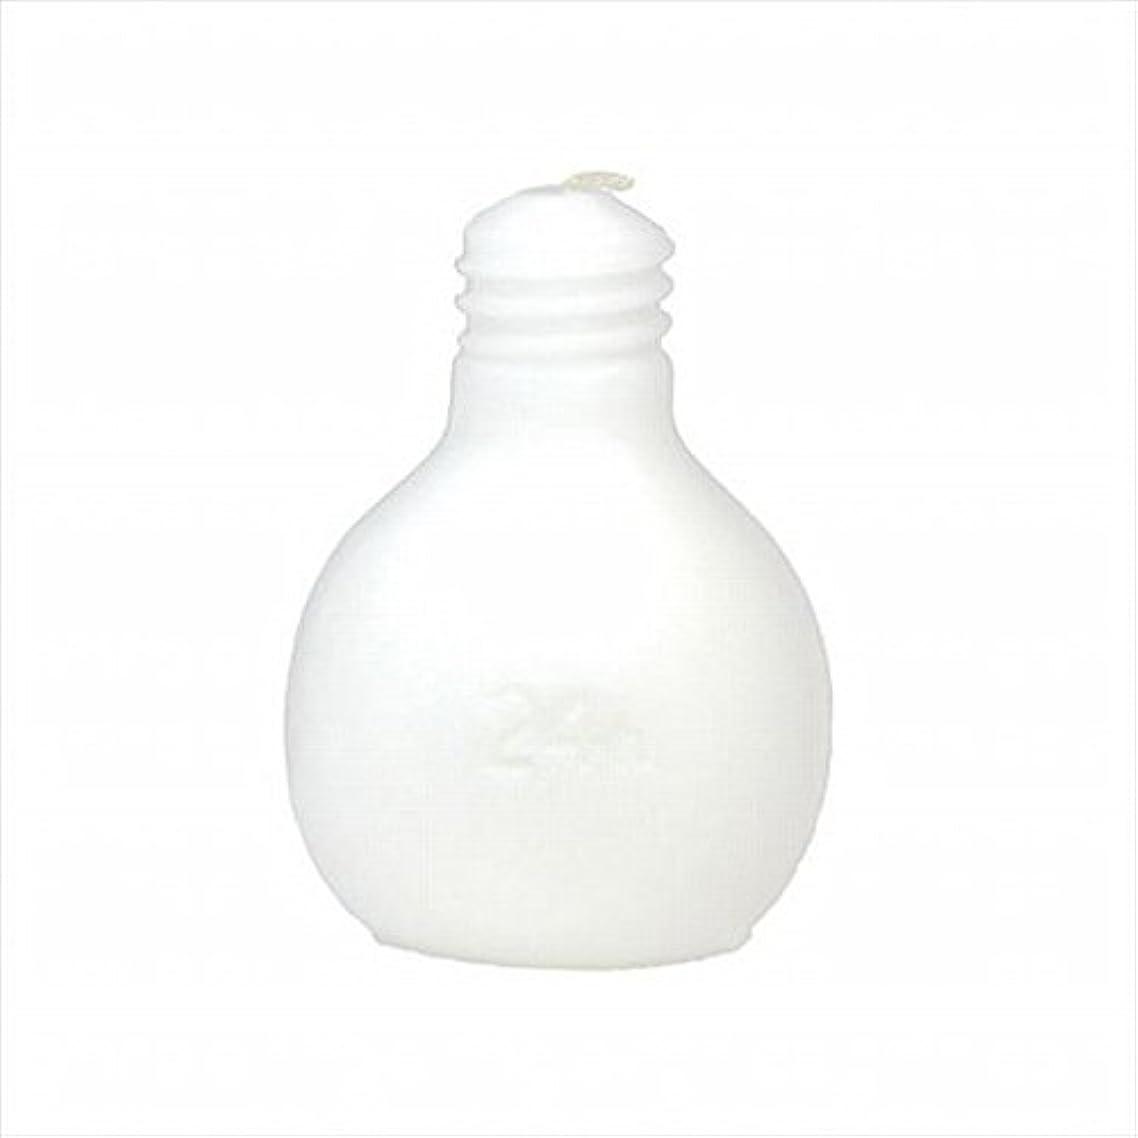 純粋なスラム街表面kameyama candle(カメヤマキャンドル) 節電球キャンドル 「 ホワイト 」 キャンドル 75x75x98mm (A4220000W)